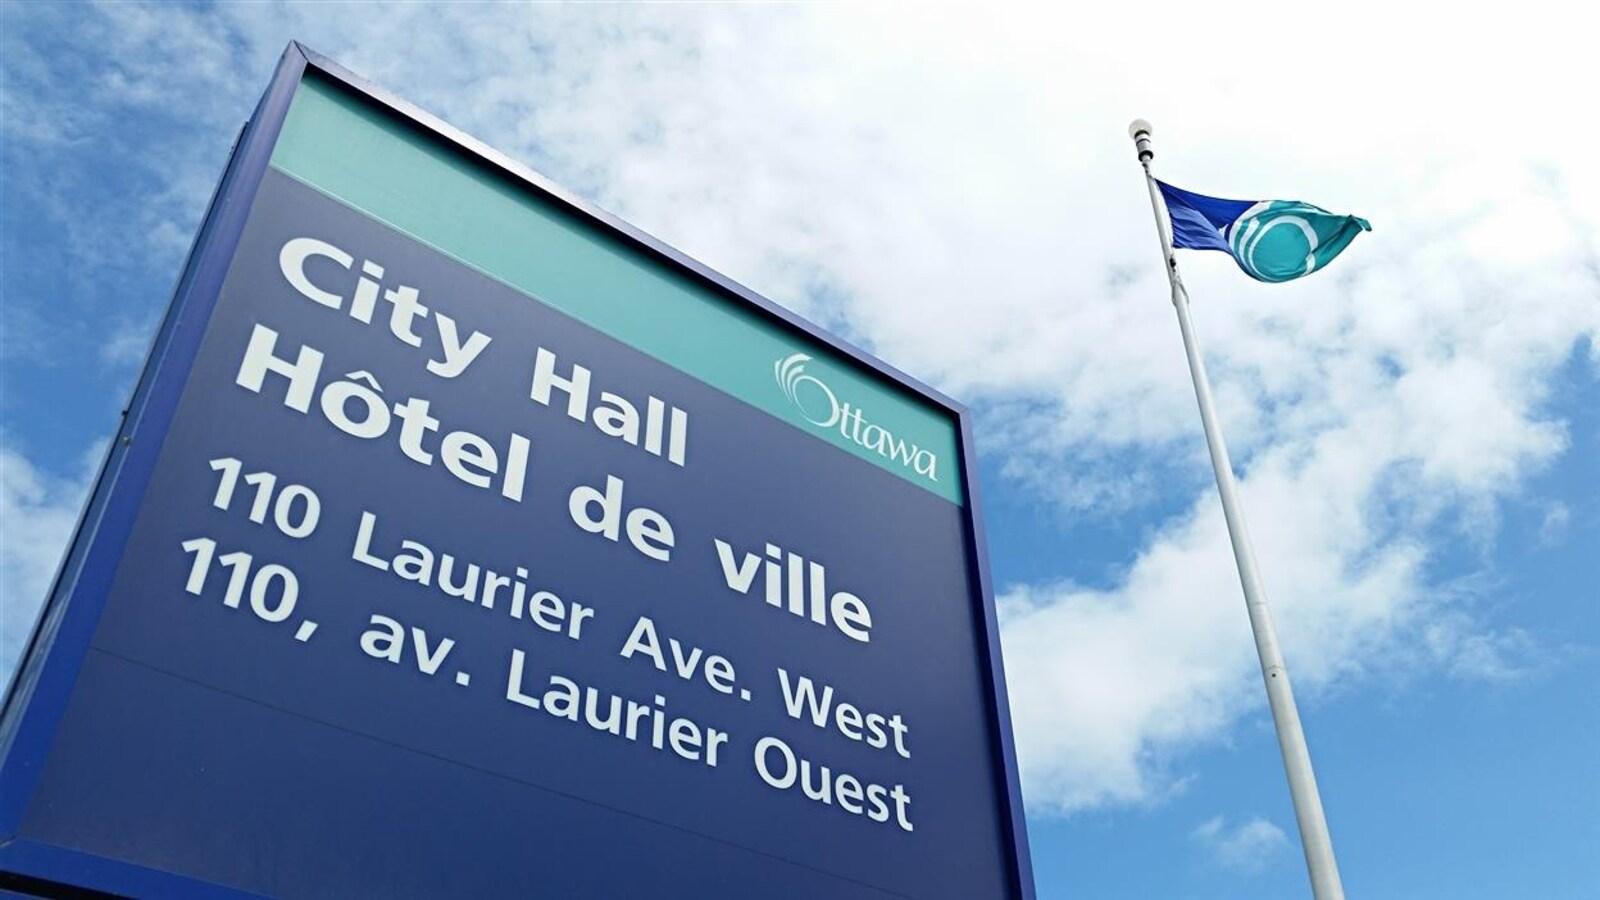 Une affiche indiquant l'adresse de l'hôtel de ville d'Ottawa, au 110, avenue Laurier Ouest